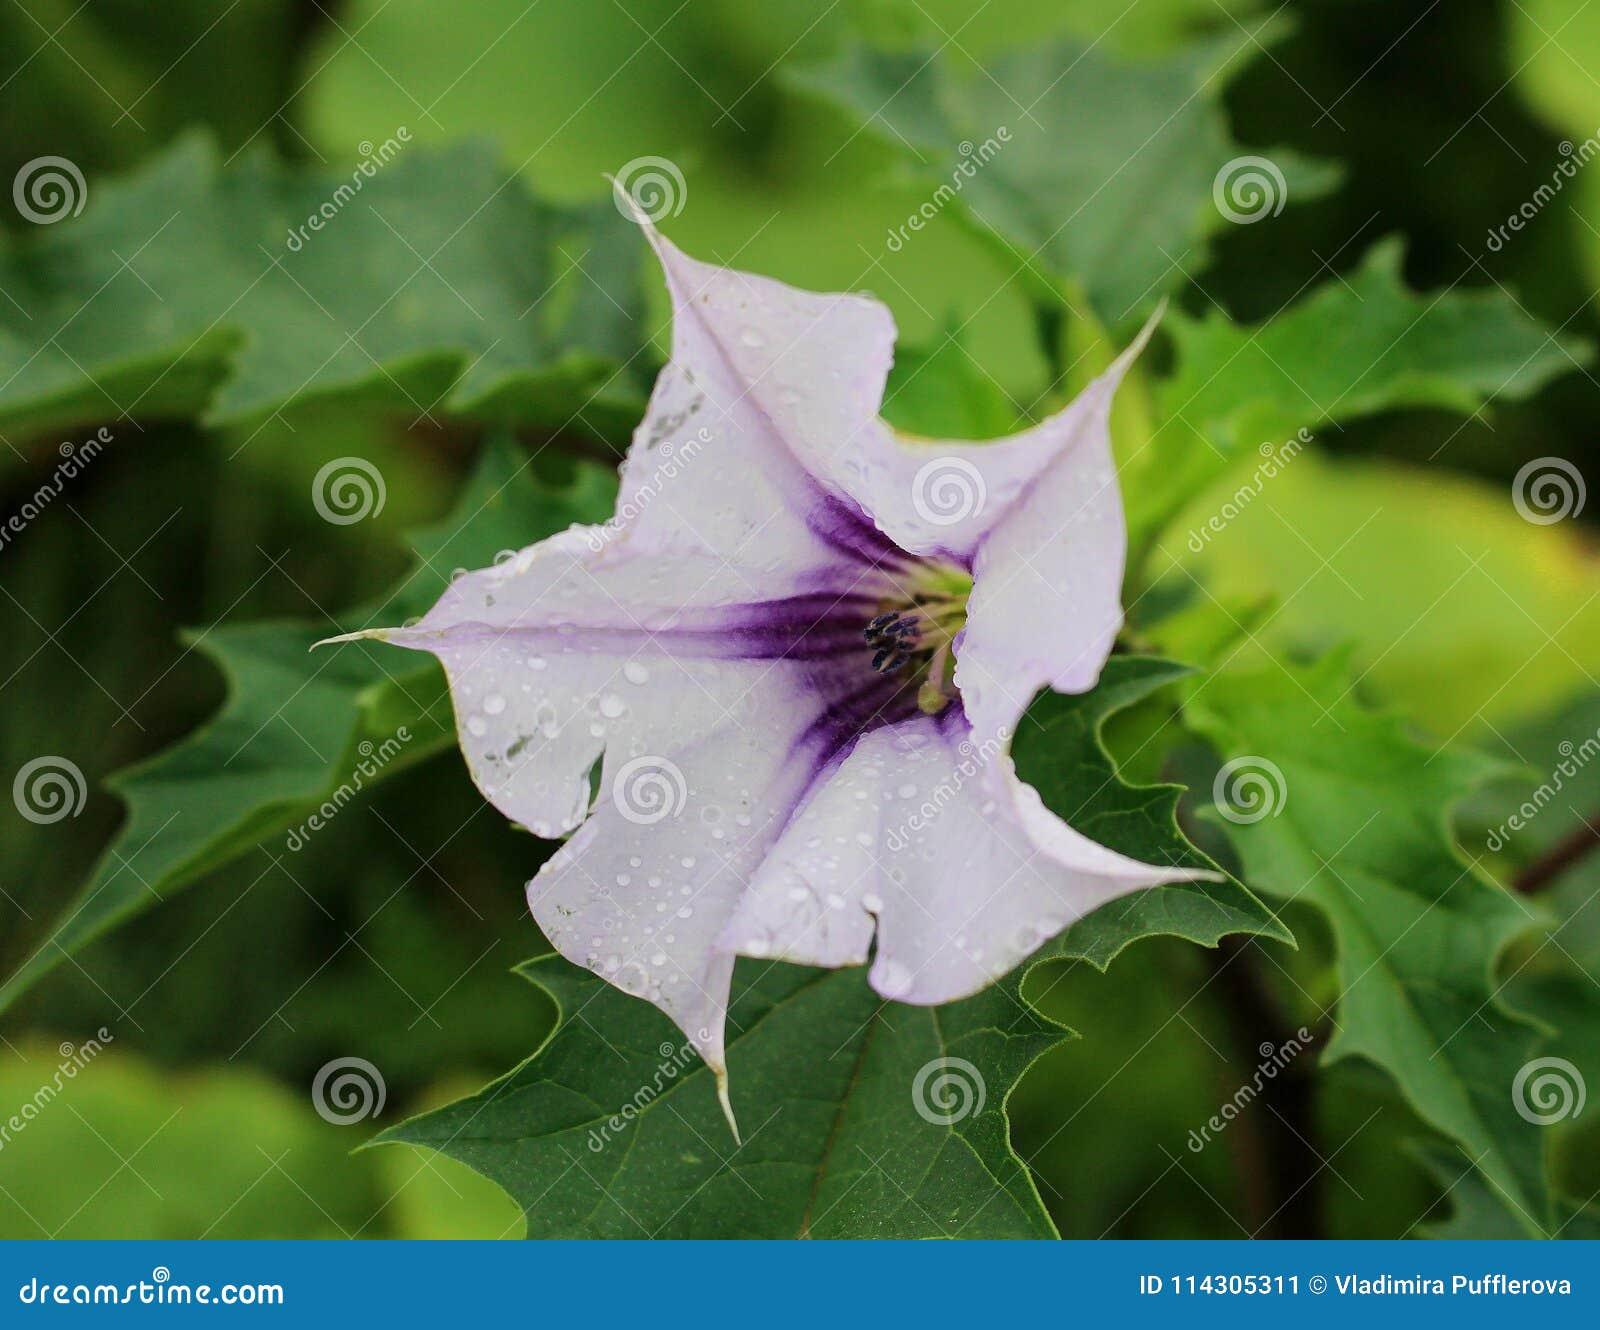 Datura stramonium with white flower dangerous poisonous plant stock datura stramonium with white flower dangerous poisonous plant mightylinksfo